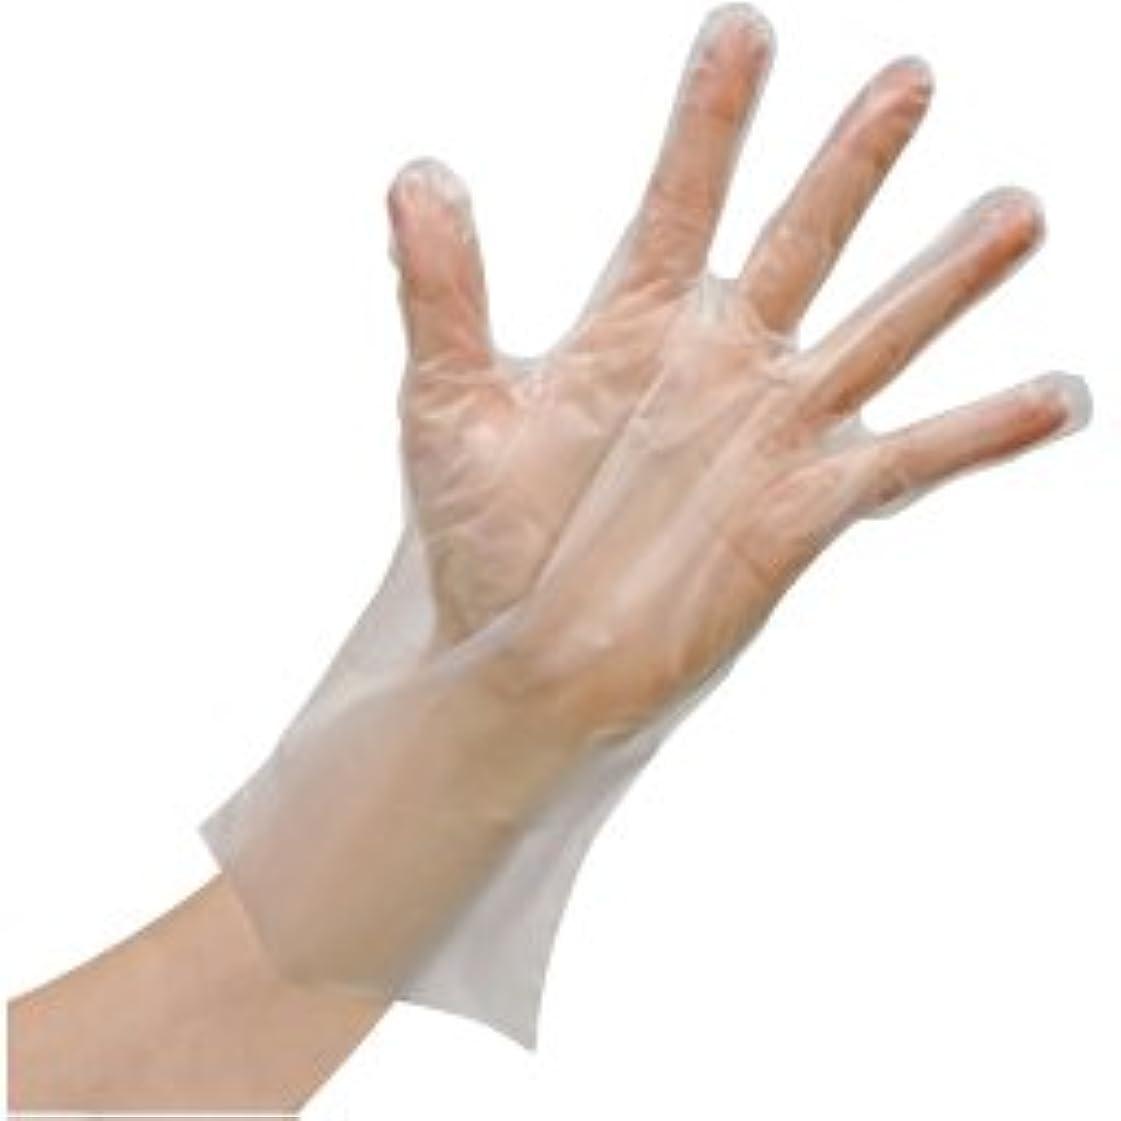 敬意を表して報奨金被害者使いきりLDポリエチレン手袋(箱) FR-5811(S)100???? ?????LD????????(??)(24-6743-00)【ファーストレイト】[60箱単位]